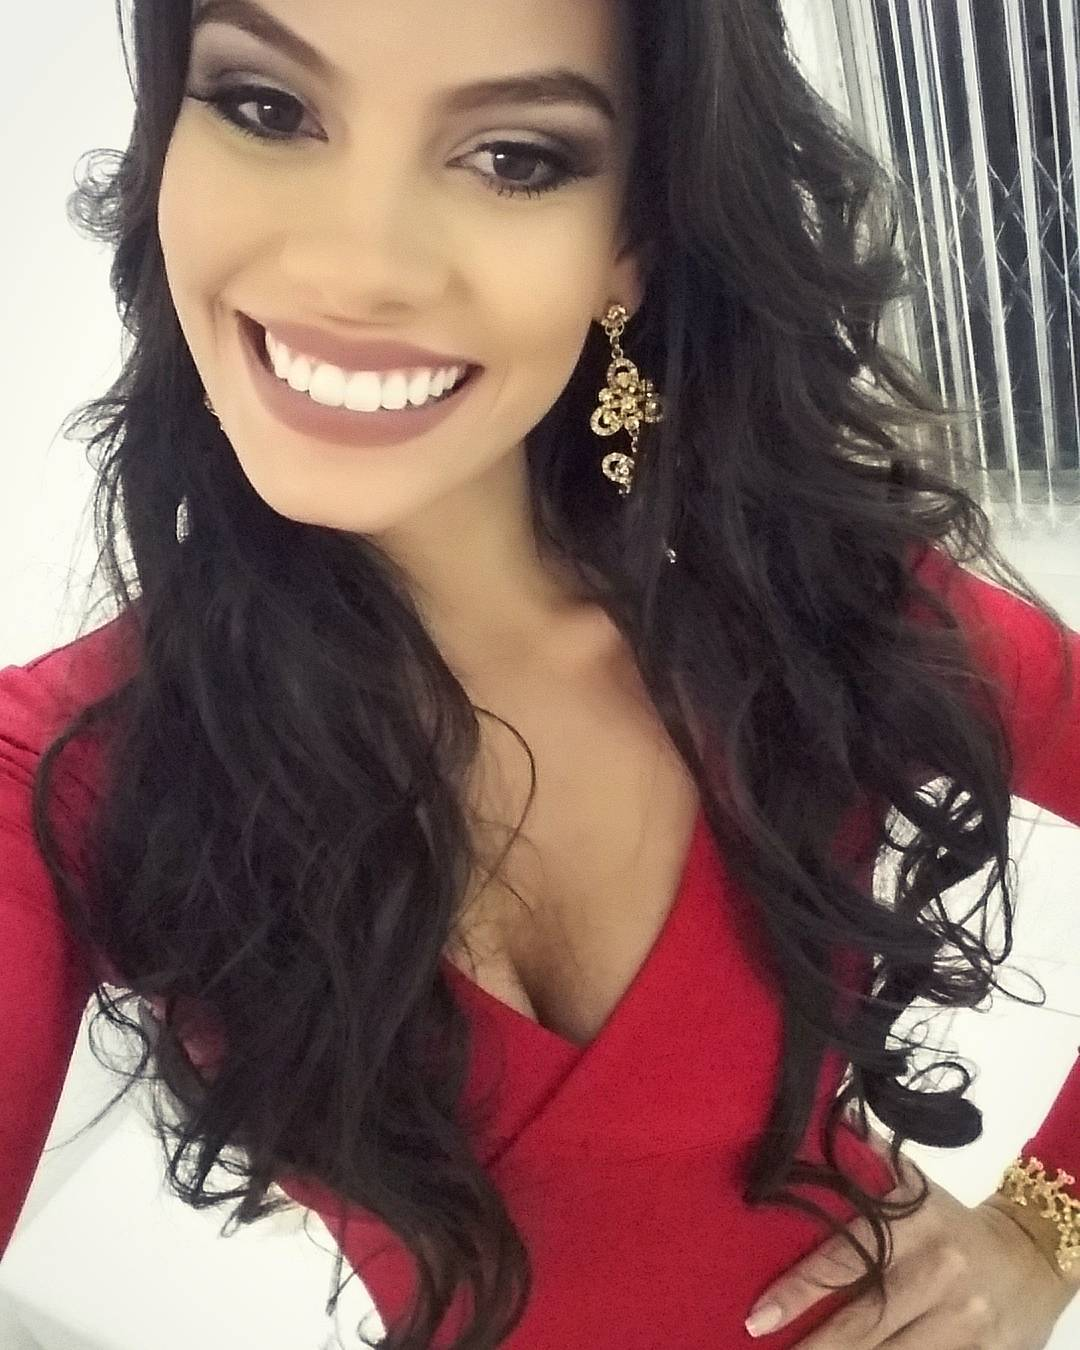 muriel prestes, top 16 de miss brasil mundo 2016. Onf5kvhk